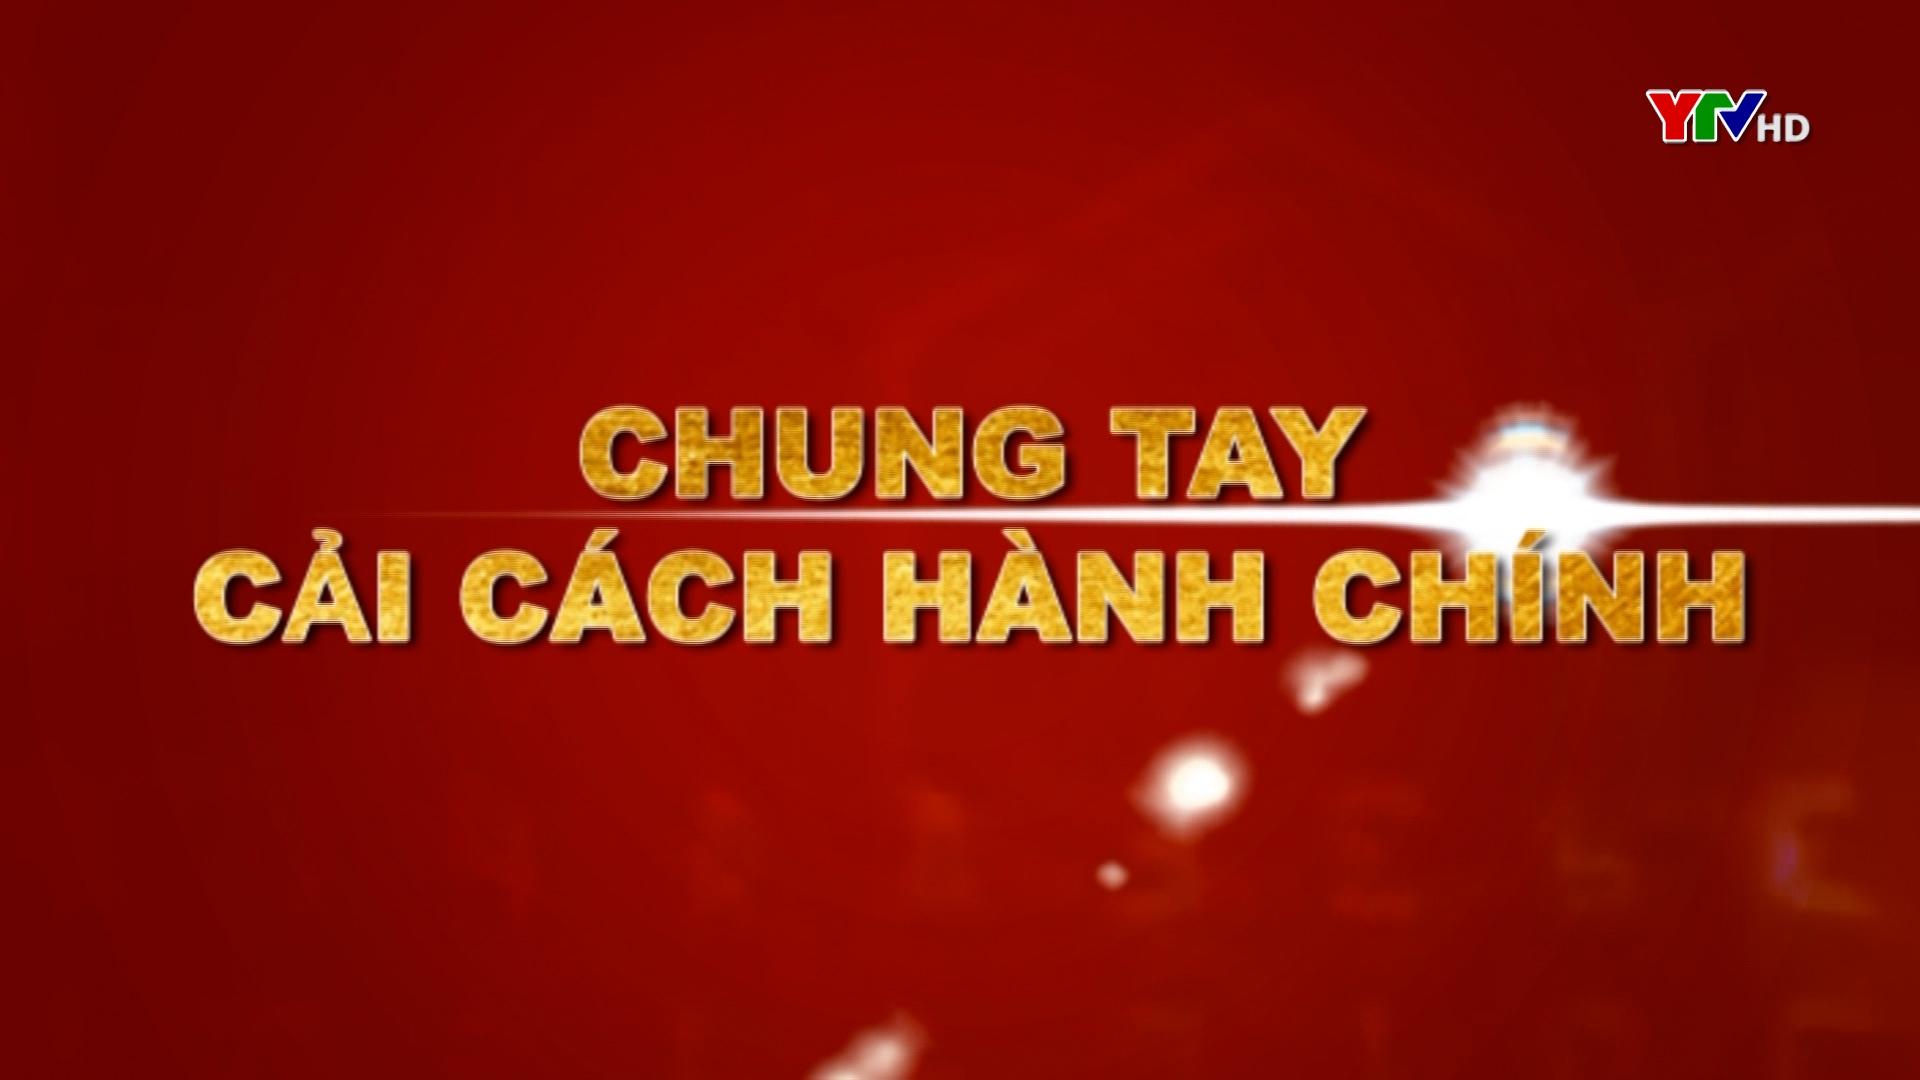 Huyện Văn Chấn nỗ lực cải thiện chỉ số cải cách hành chính.